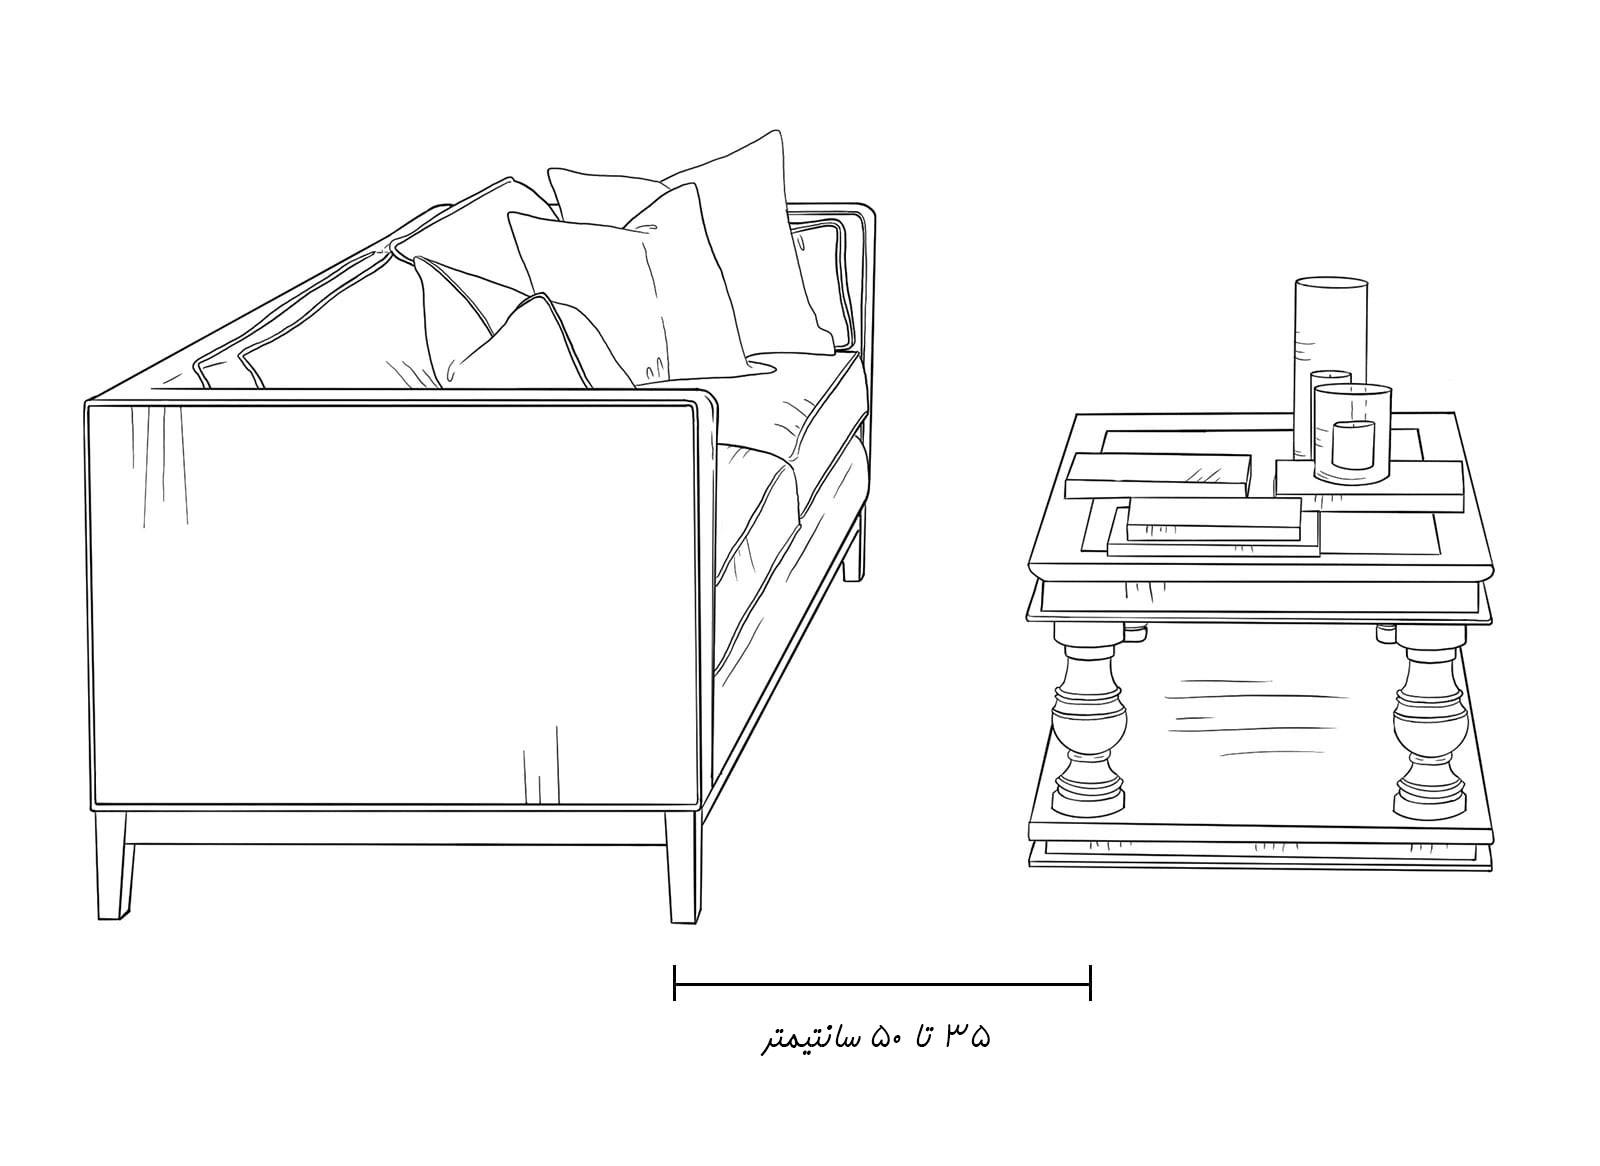 فاصله میز جلو مبلی تا مبل